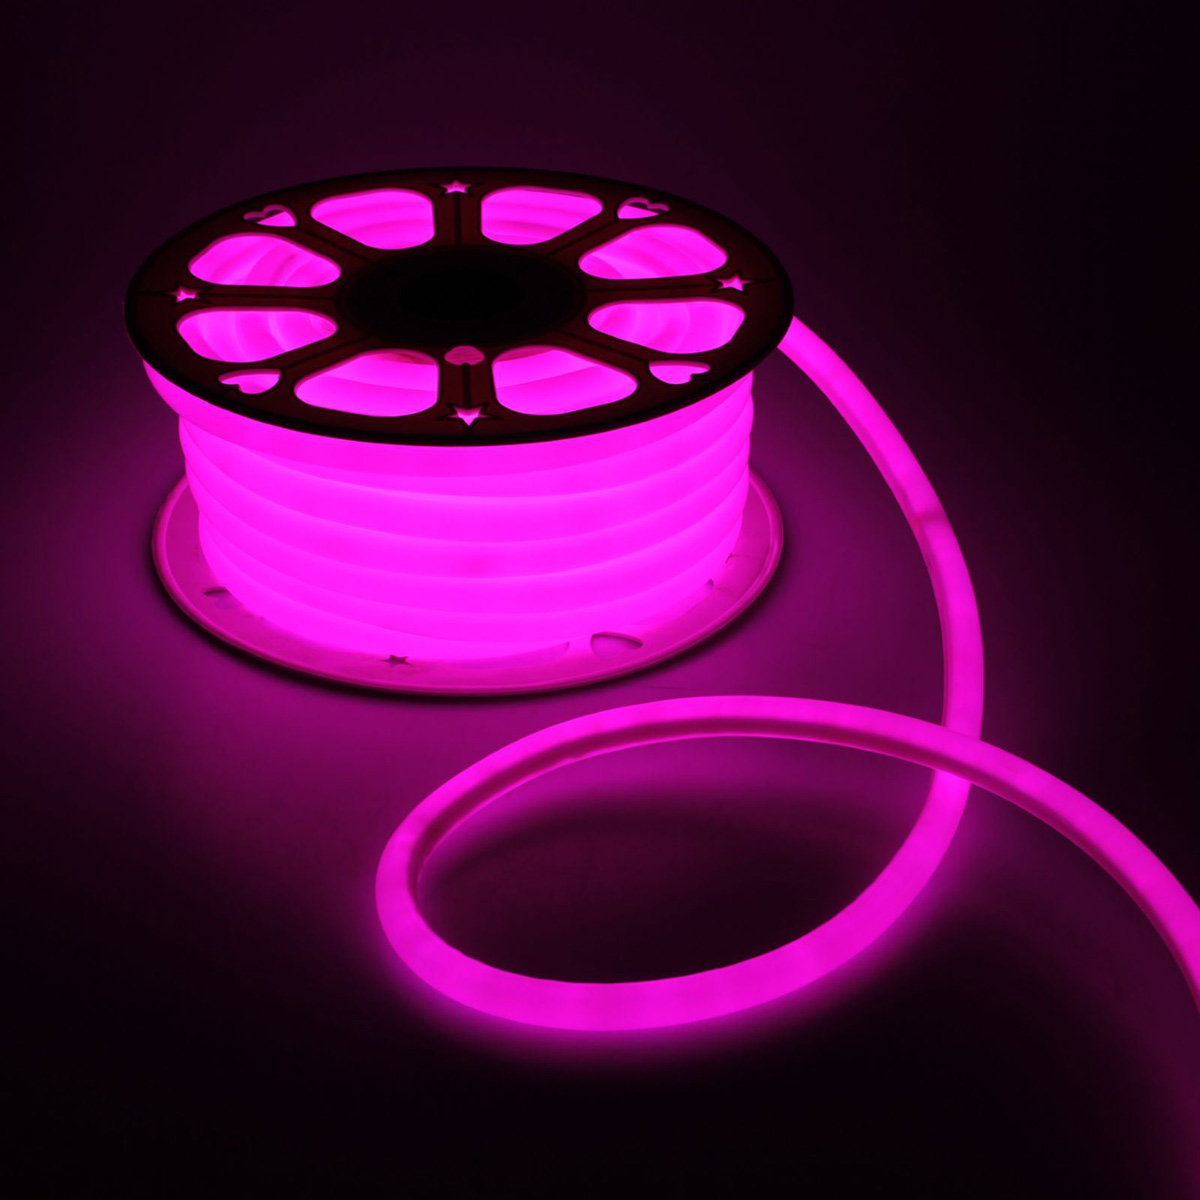 Гирлянда светодиодная Luazon, 120 ламп, 220 V, цвет: розовый, 1,6 см х 25 м. 1431300 гирлянда luazon дождь 2m 6m multicolor 671678